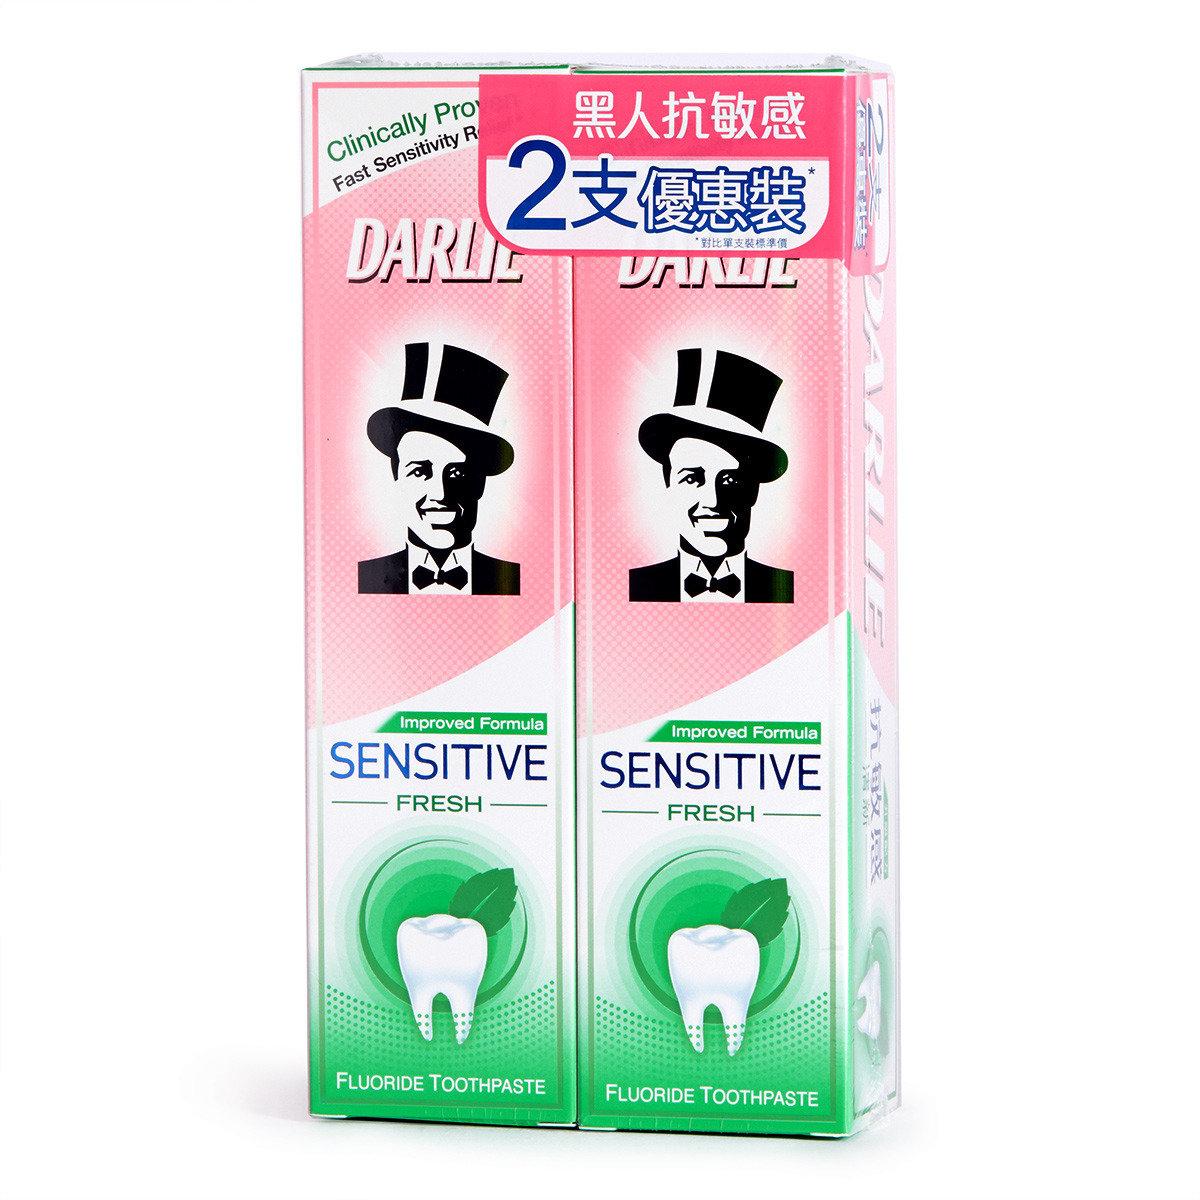 抗敏感清新牙膏